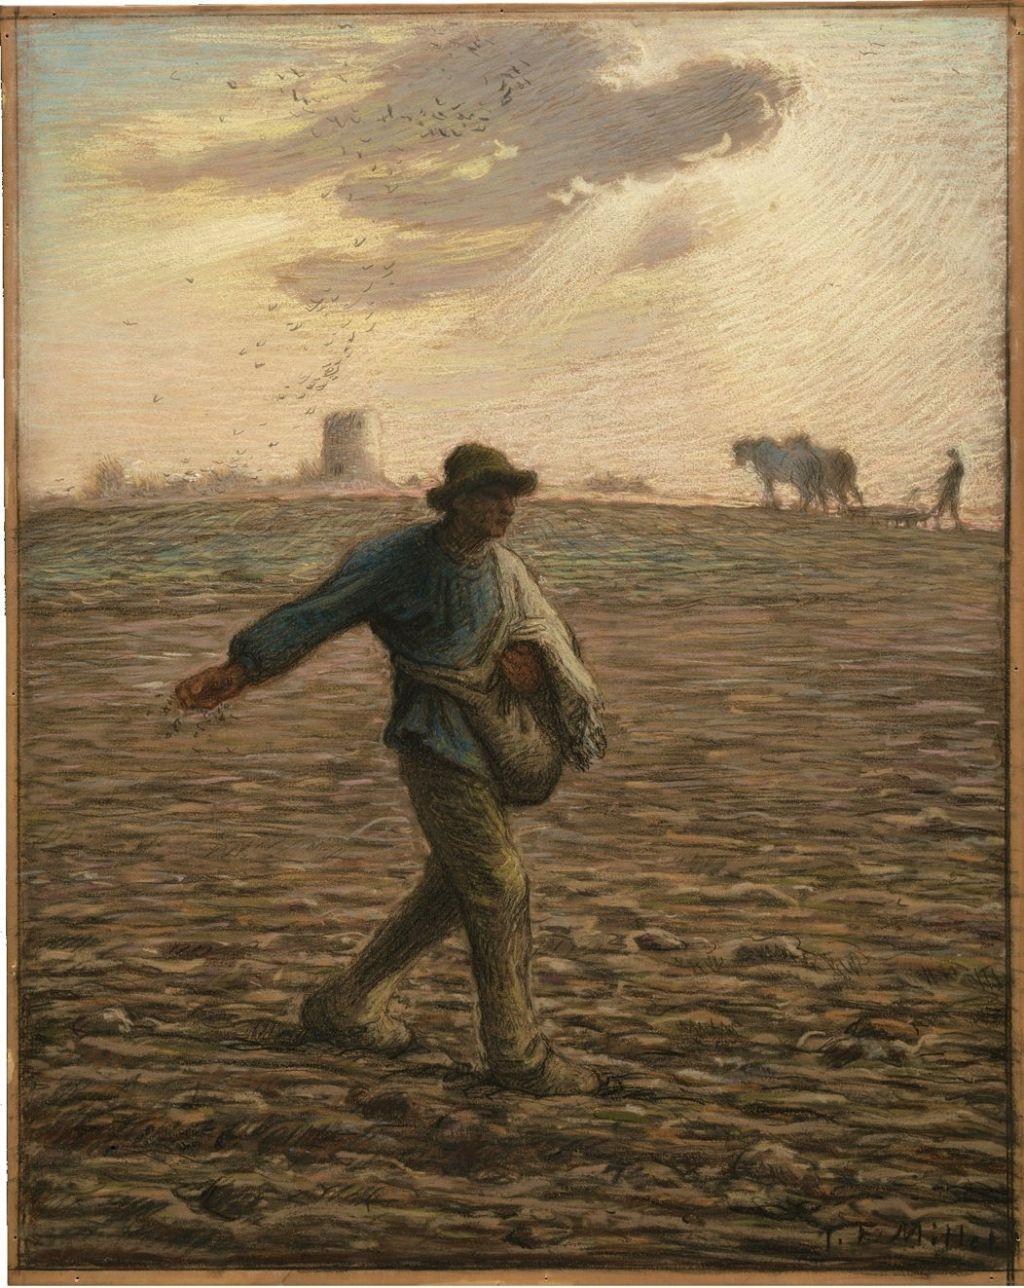 Jean-François Millet, Le semeur, 1865